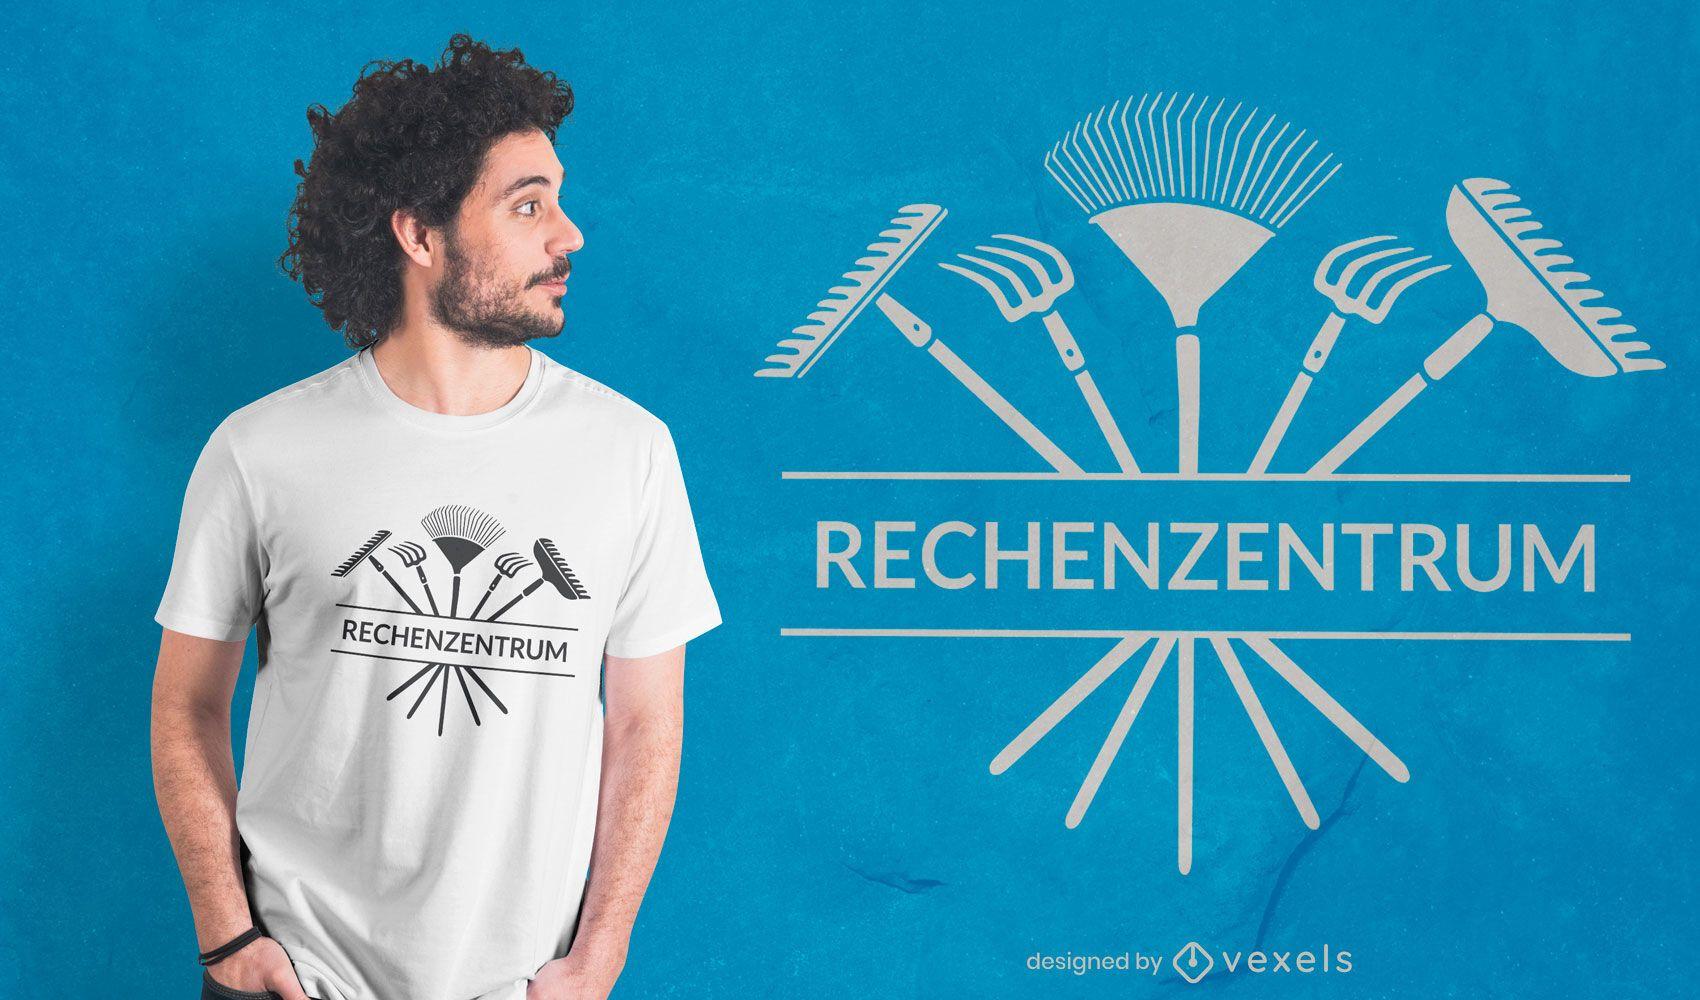 Diseño de camiseta de cita de silueta de rastrillo